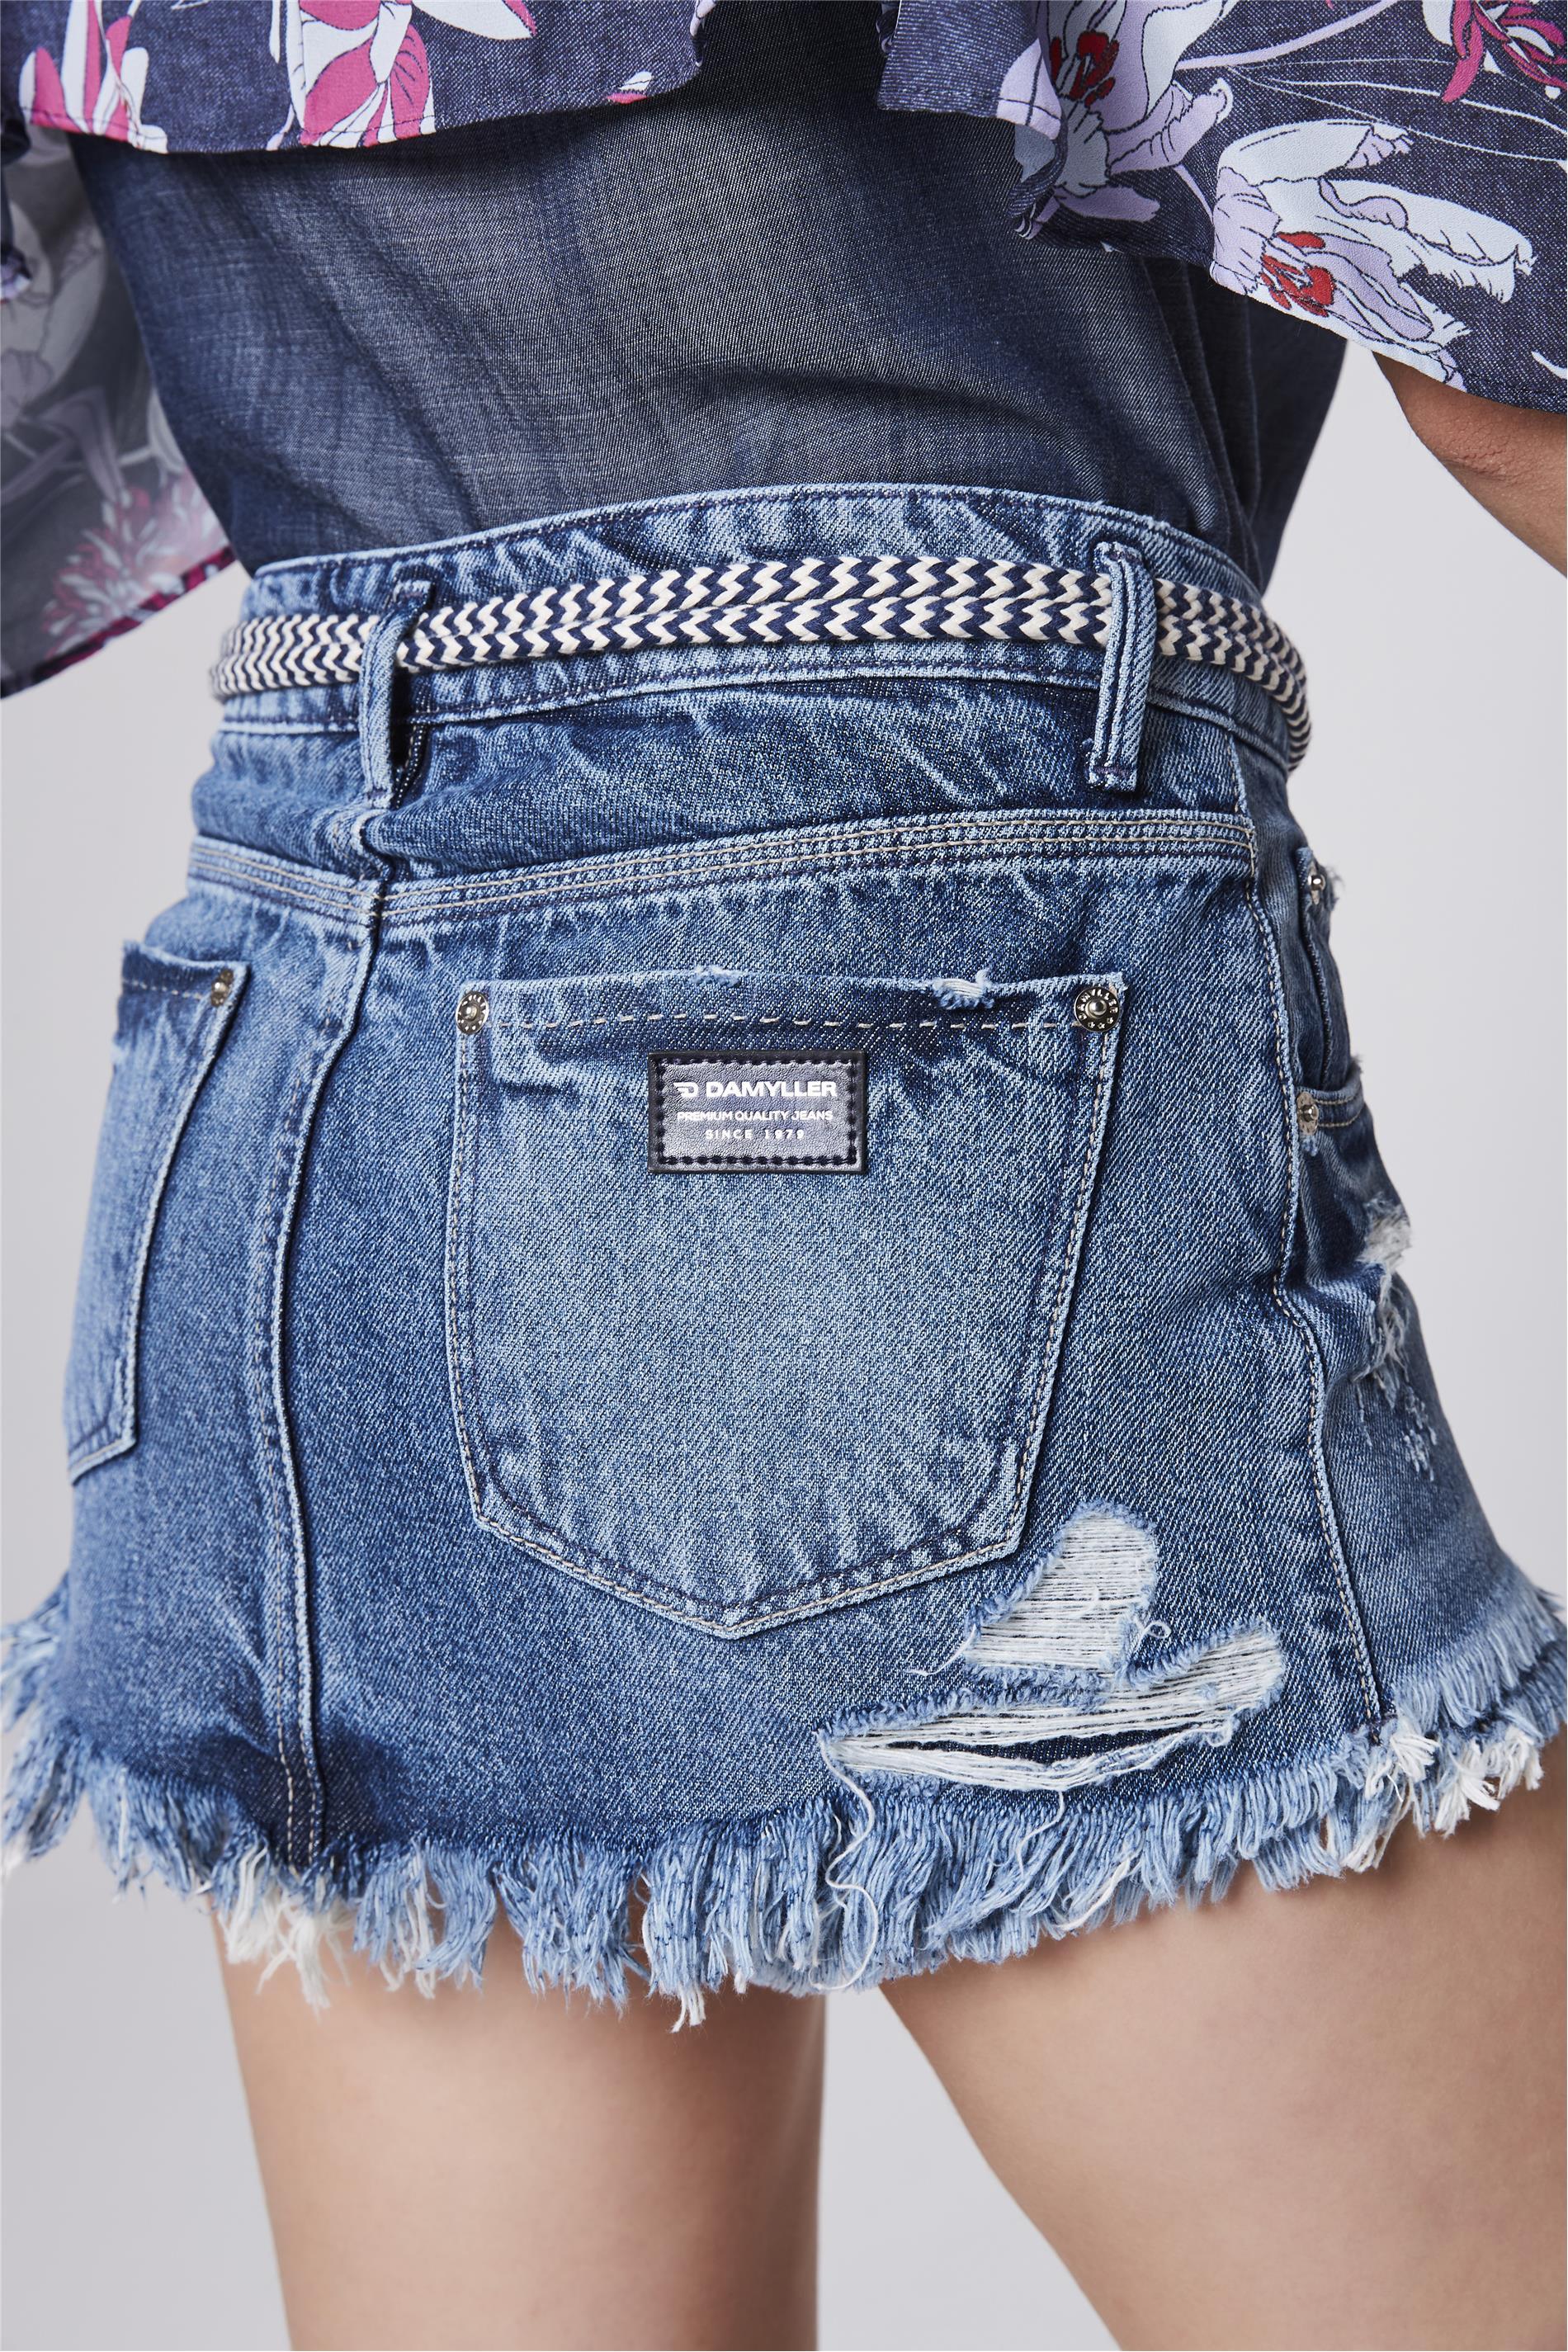 f8acbc6448 Short Saia Jeans com Cinto de Cordão - Damyller